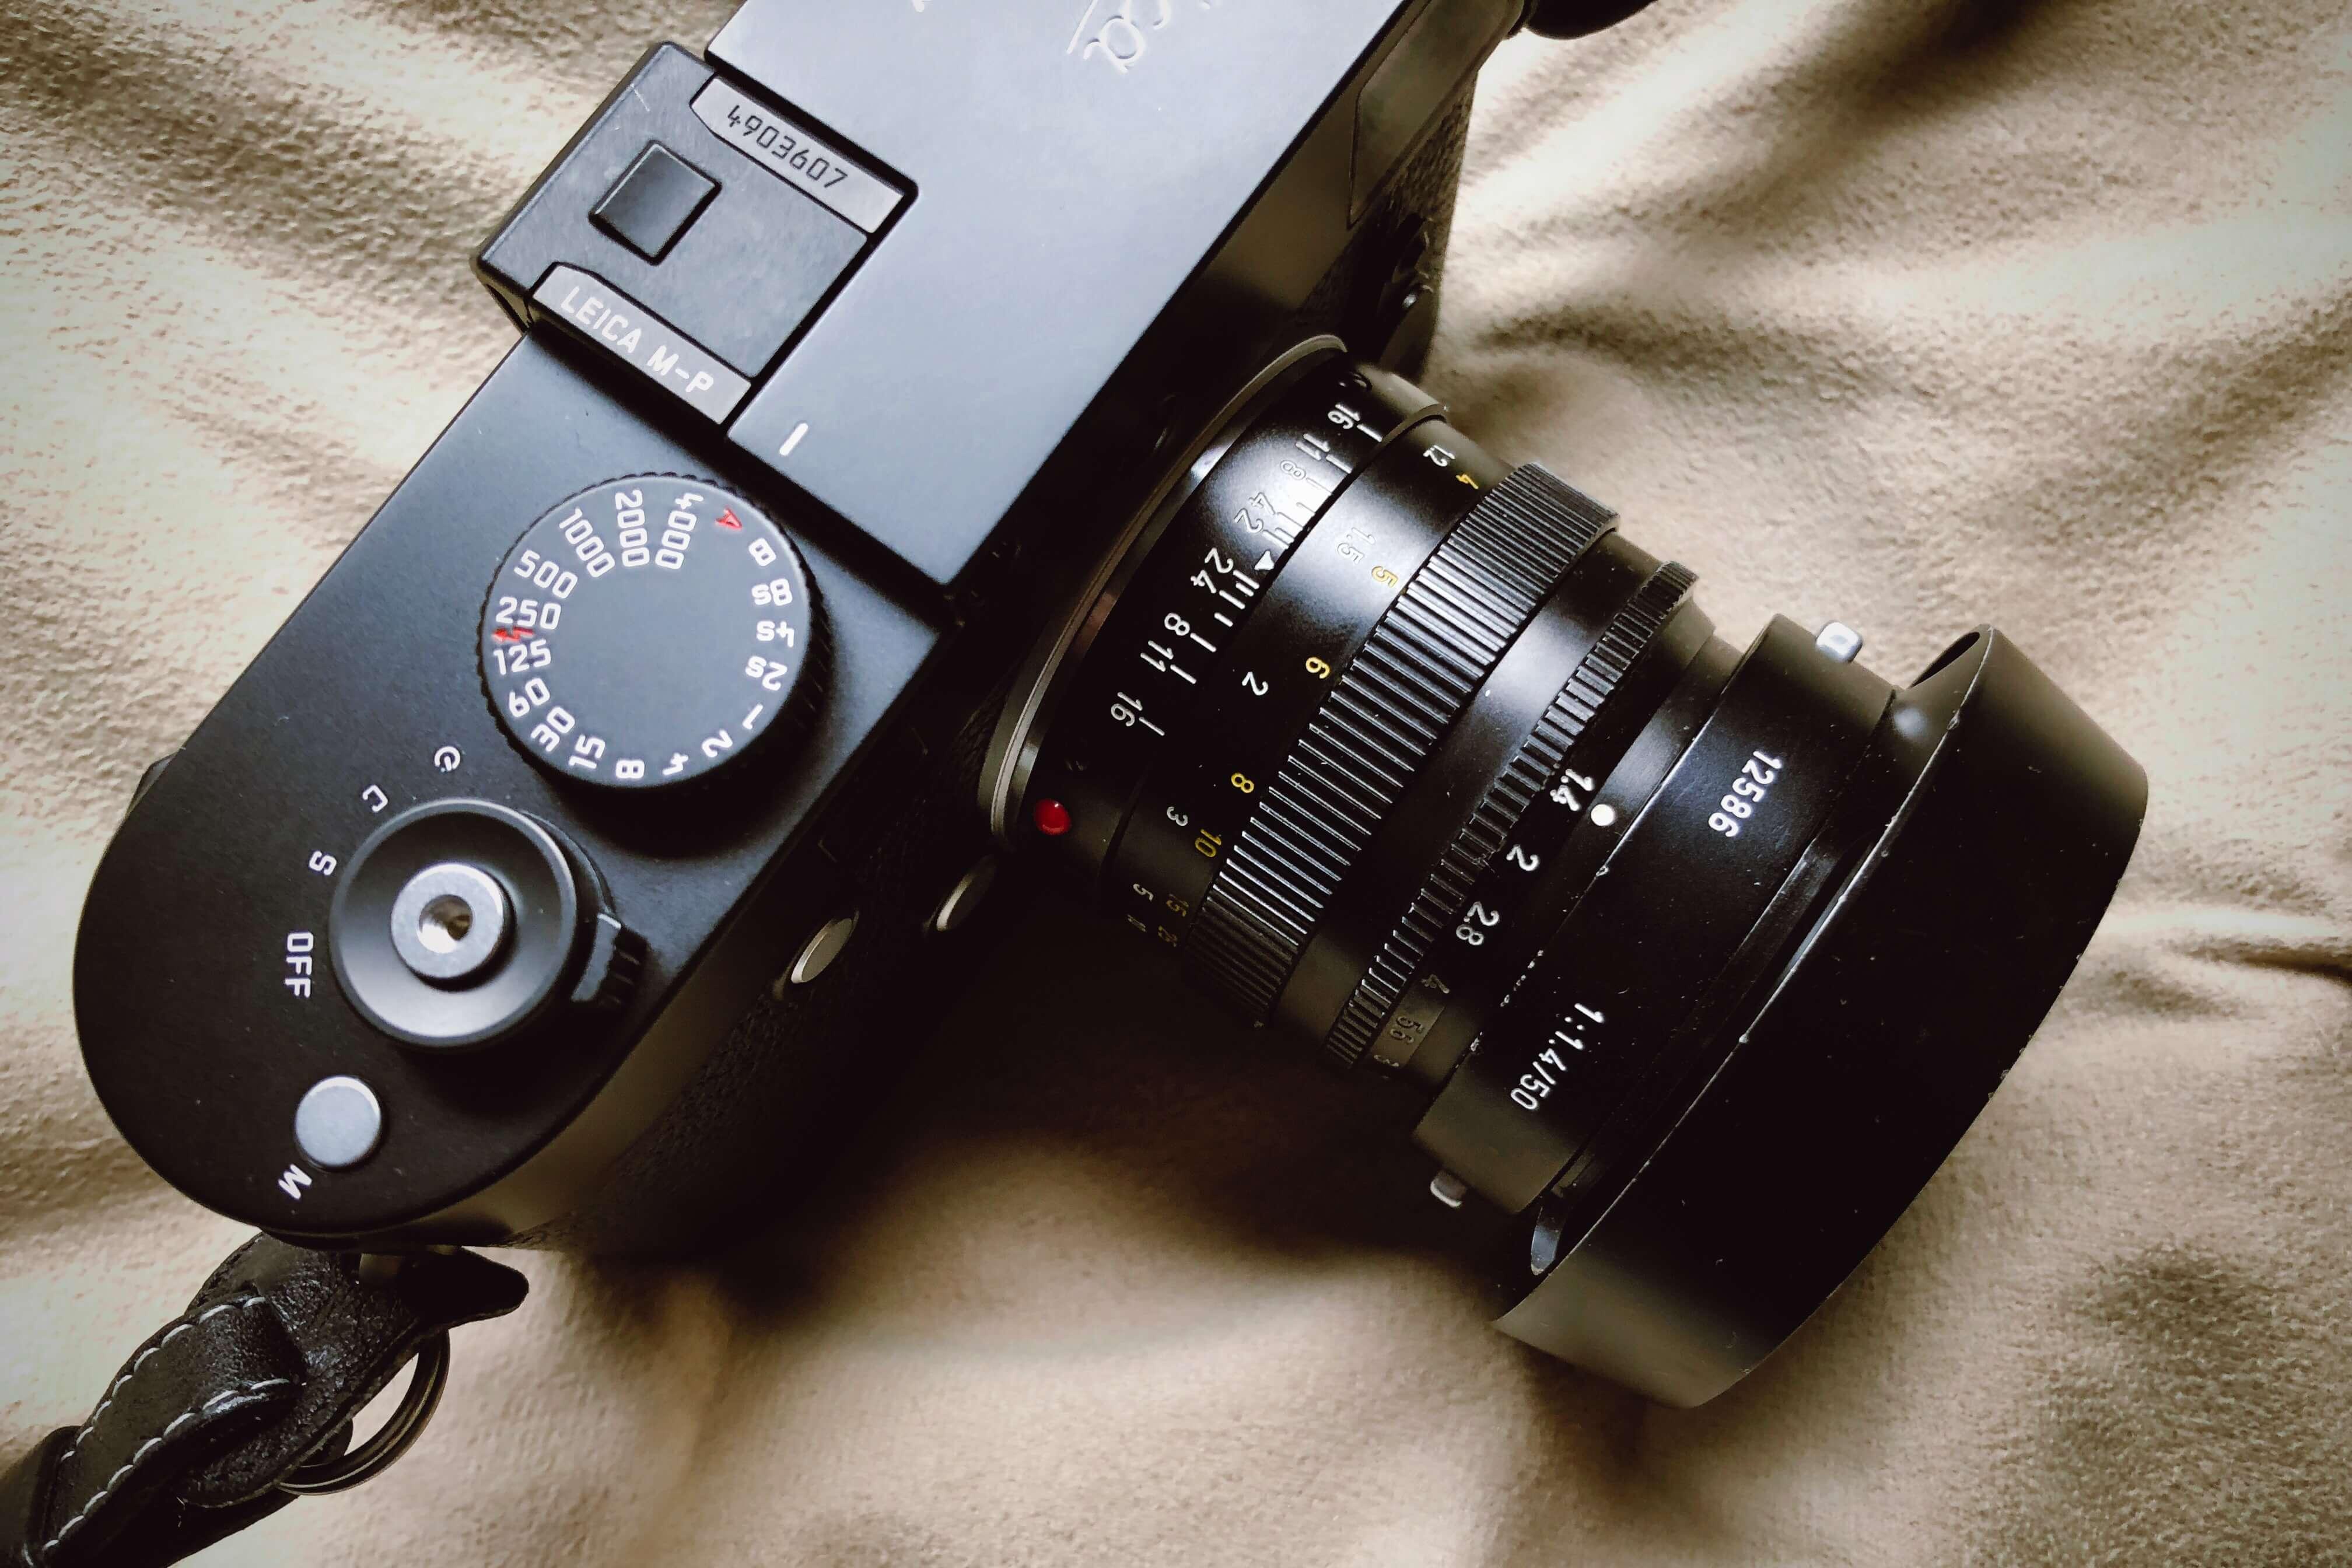 これ一台でオールラウンドに撮れる、と考えればM型デジタルは割高ではないのかもしれない。